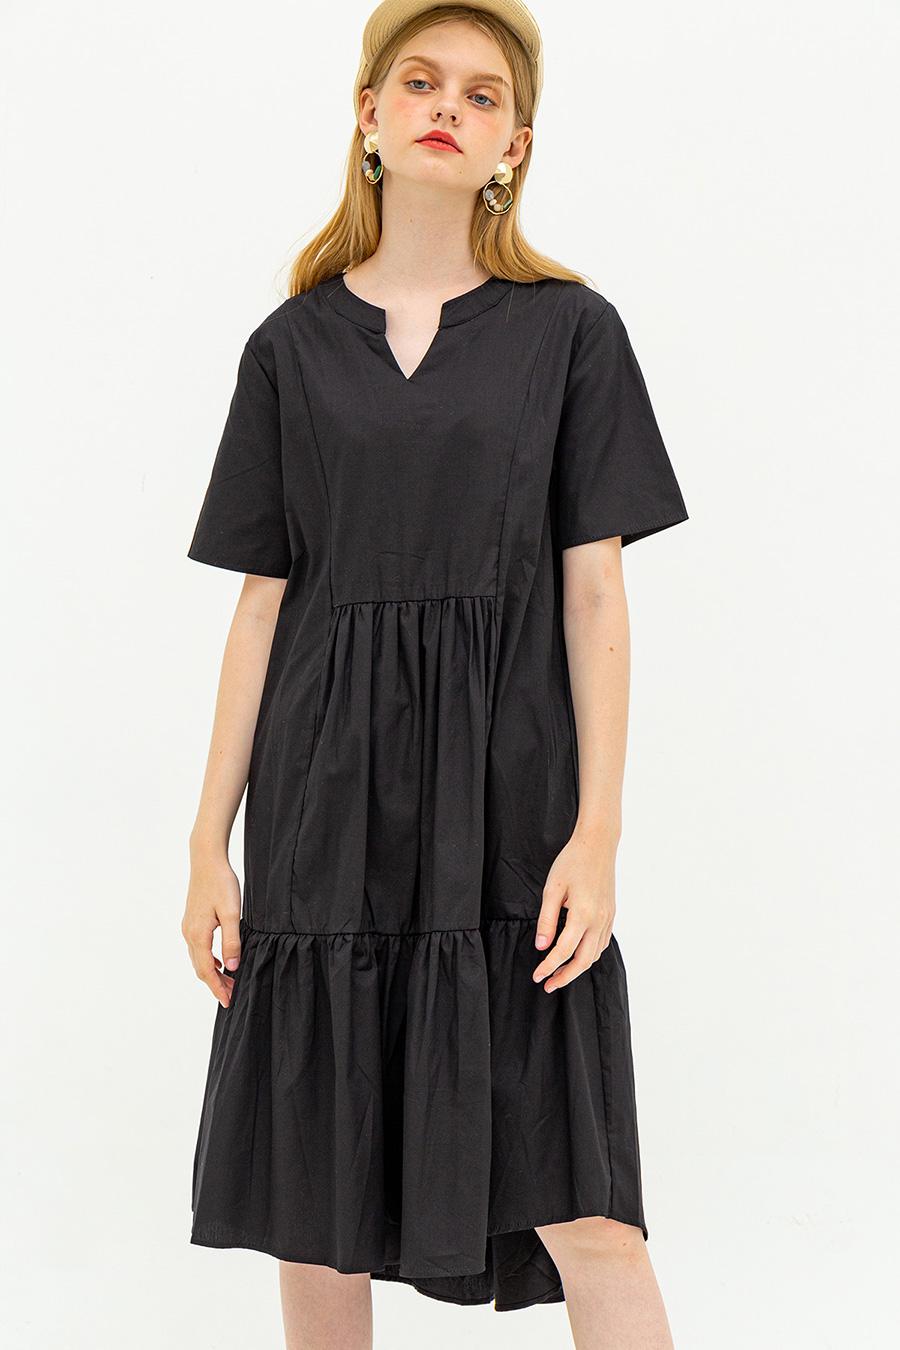 TANIYAH DRESS - NOIR